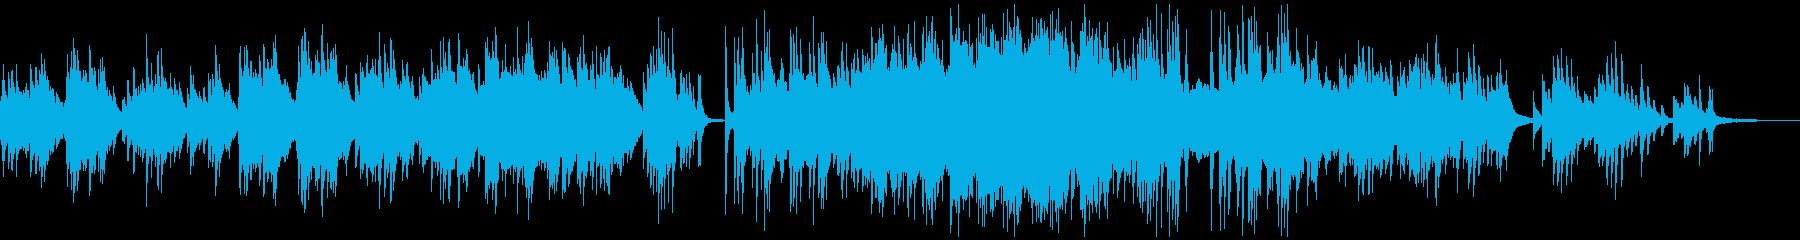 一日の終わりに聴きたいピアノ曲の再生済みの波形